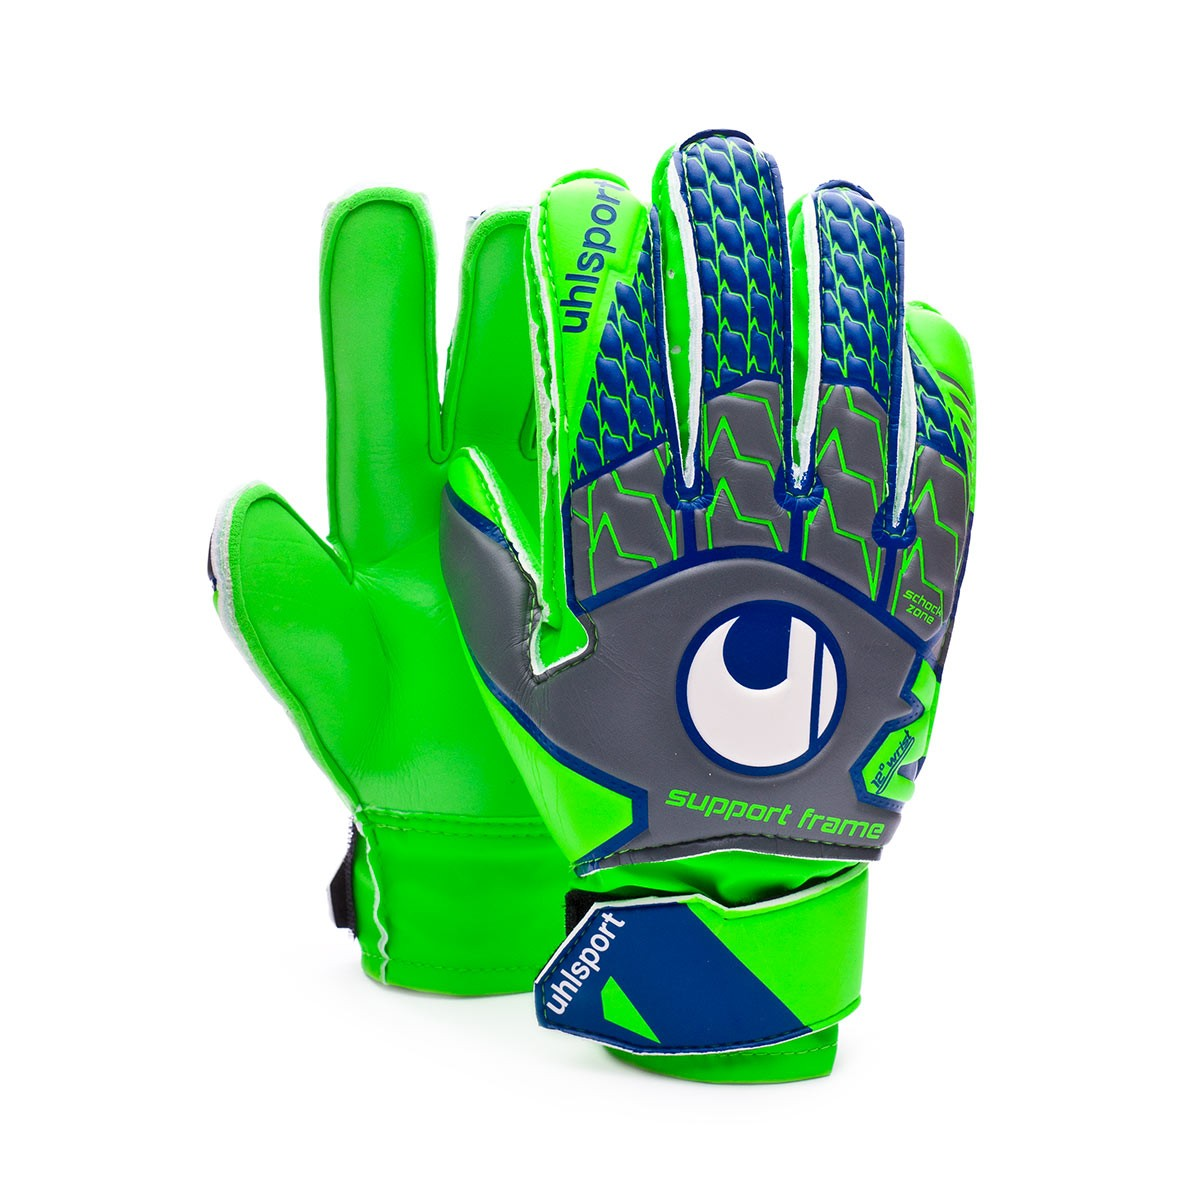 ecd347285de Guante de portero Uhlsport TensionGreen Soft SF Niño Dark grey-Fluor  green-Navy - Tienda de fútbol Fútbol Emotion